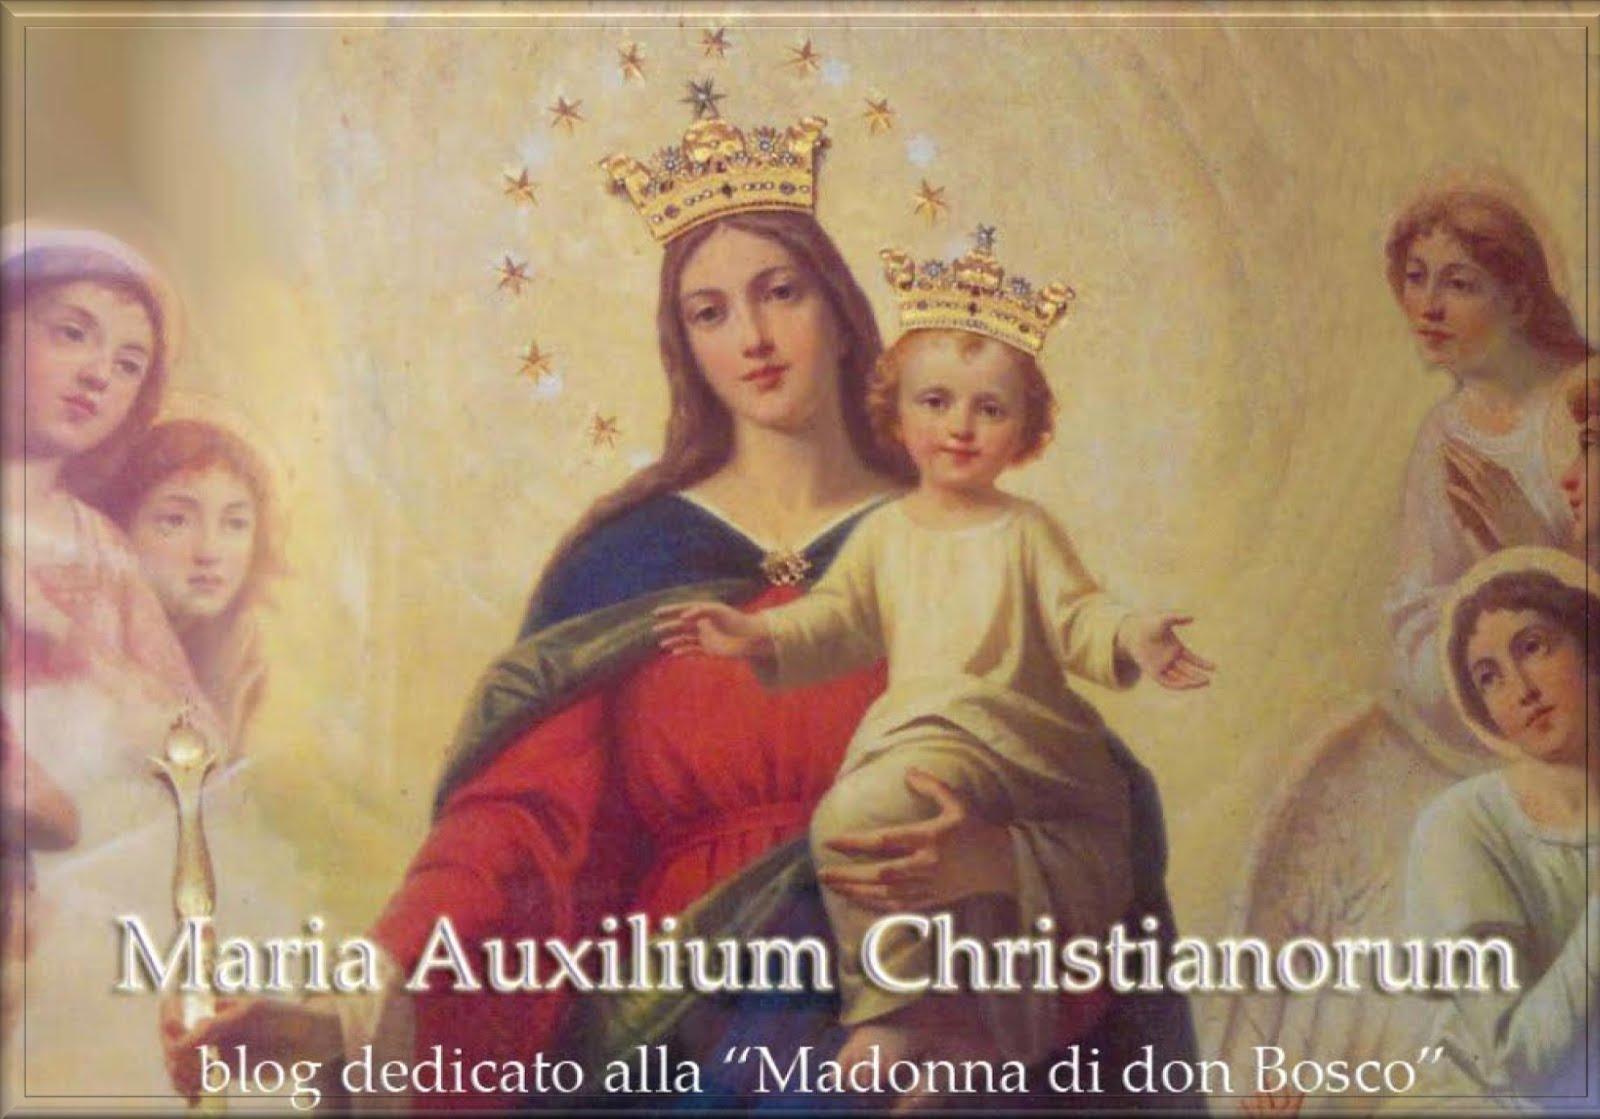 Maria Auxilium Christianorum - La Madonna di don Bosco